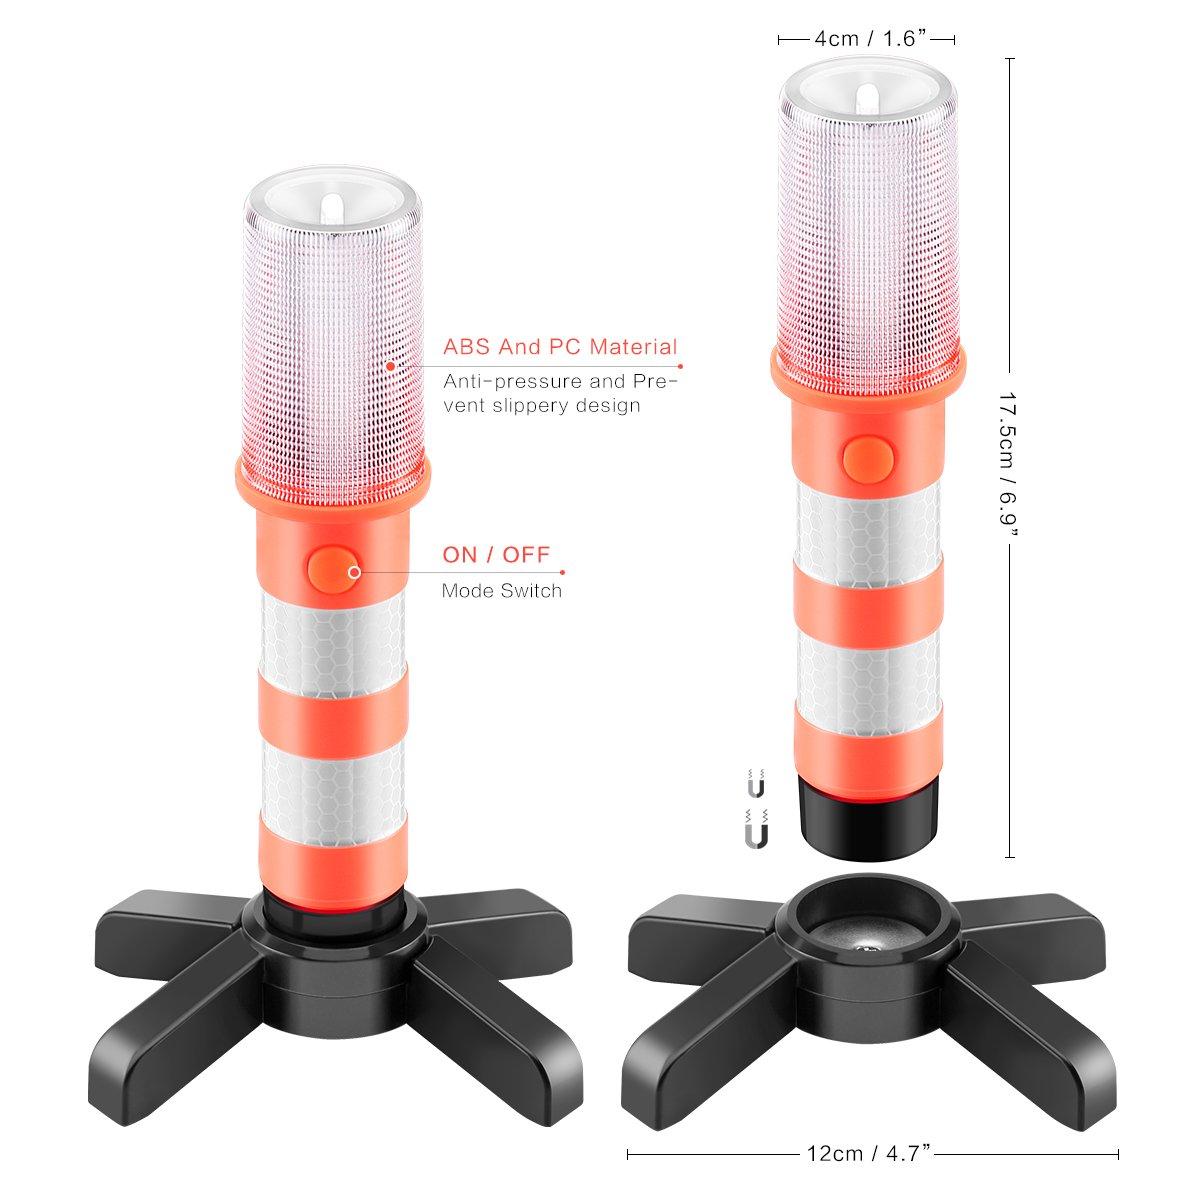 ALLOMN Linterna de Carretera 2 PCS Luz Estrobosc/ópica de Seguridad Tres Modos Luz de Advertencia de Tr/áfico Luz Antirrobos de Seguridad para Carretera Luz Estrobosc/ópica de Emergencia SOS